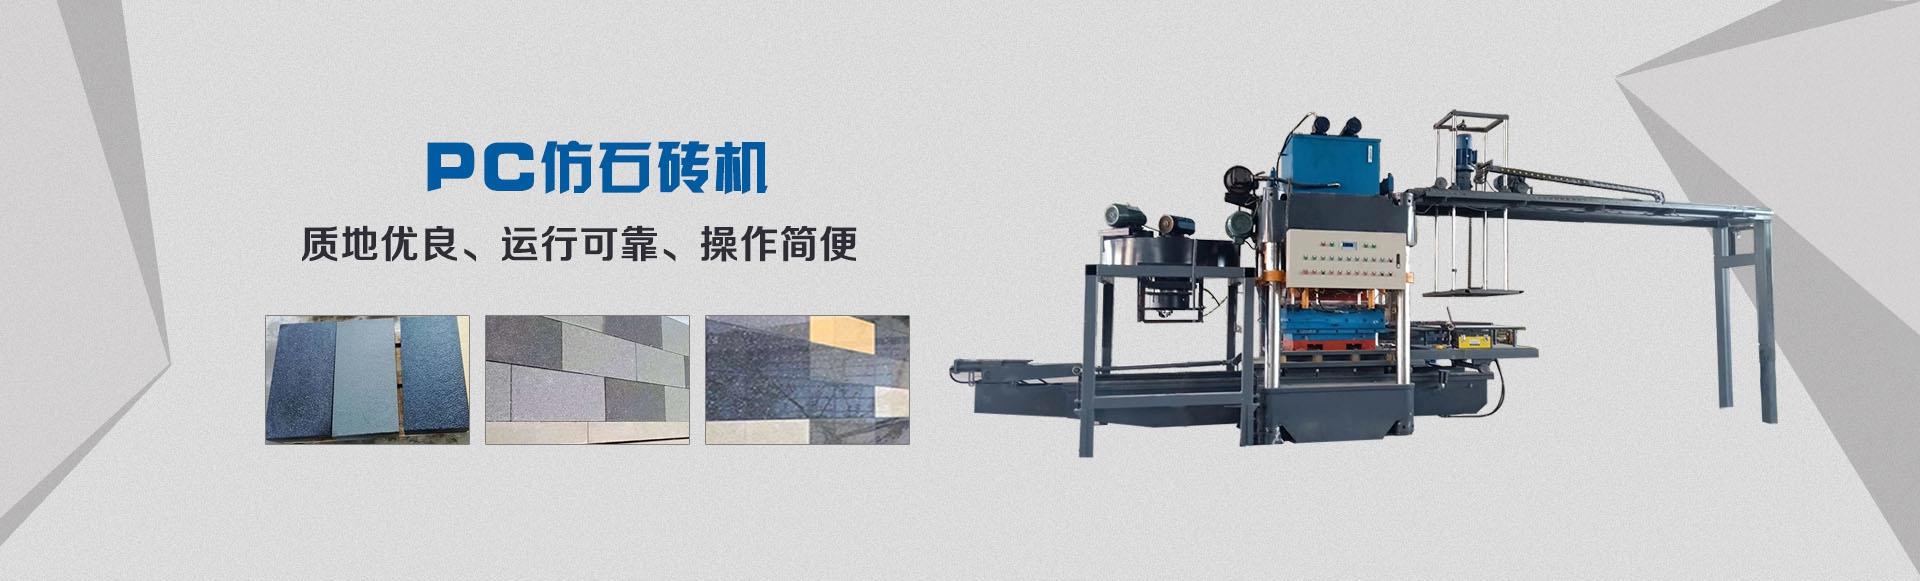 水磨石压机